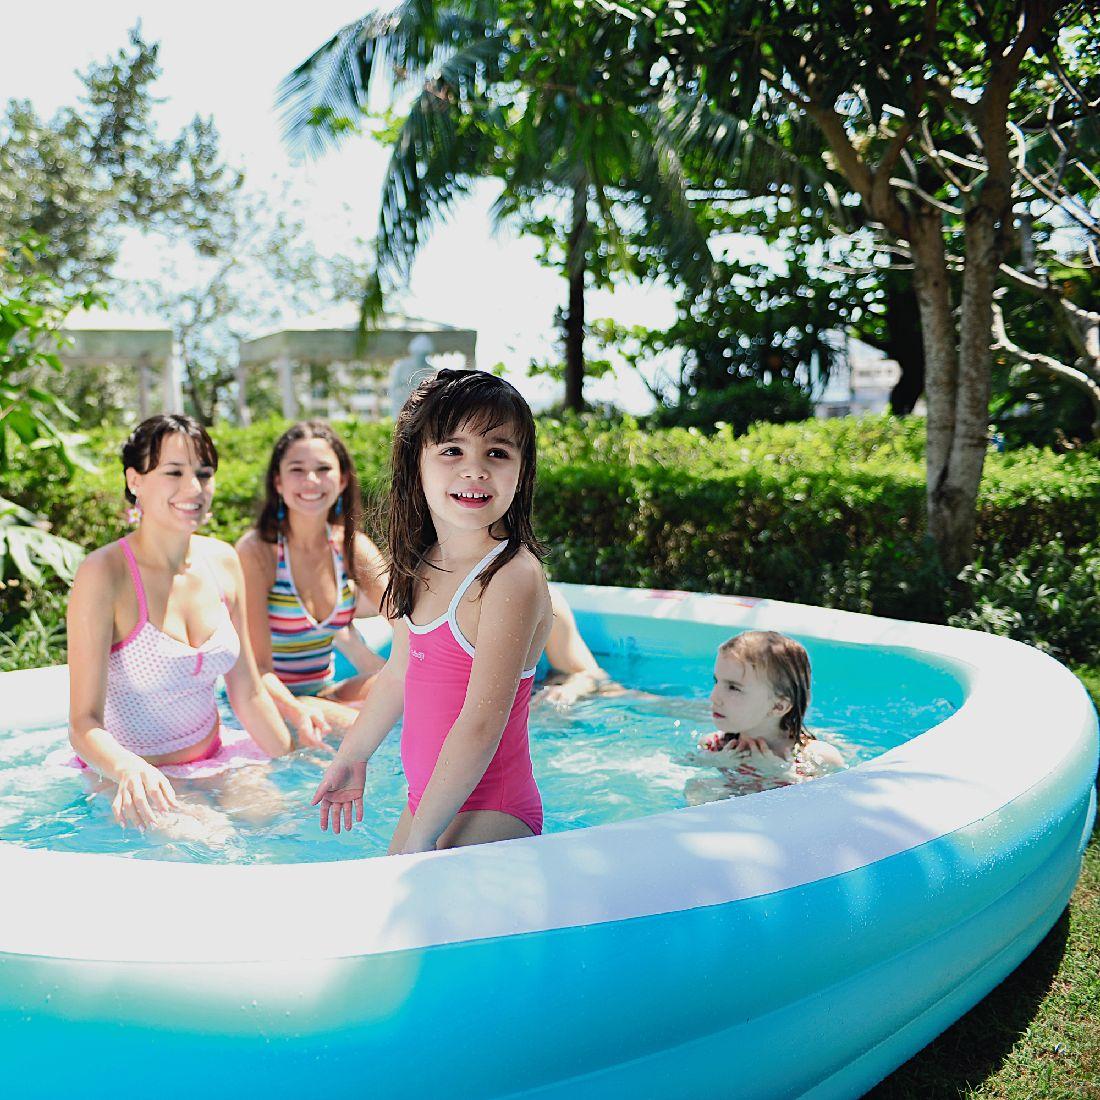 Jilong giant pool 3r366 piscine familiale rectangulaire - Rechteckiger pool ...